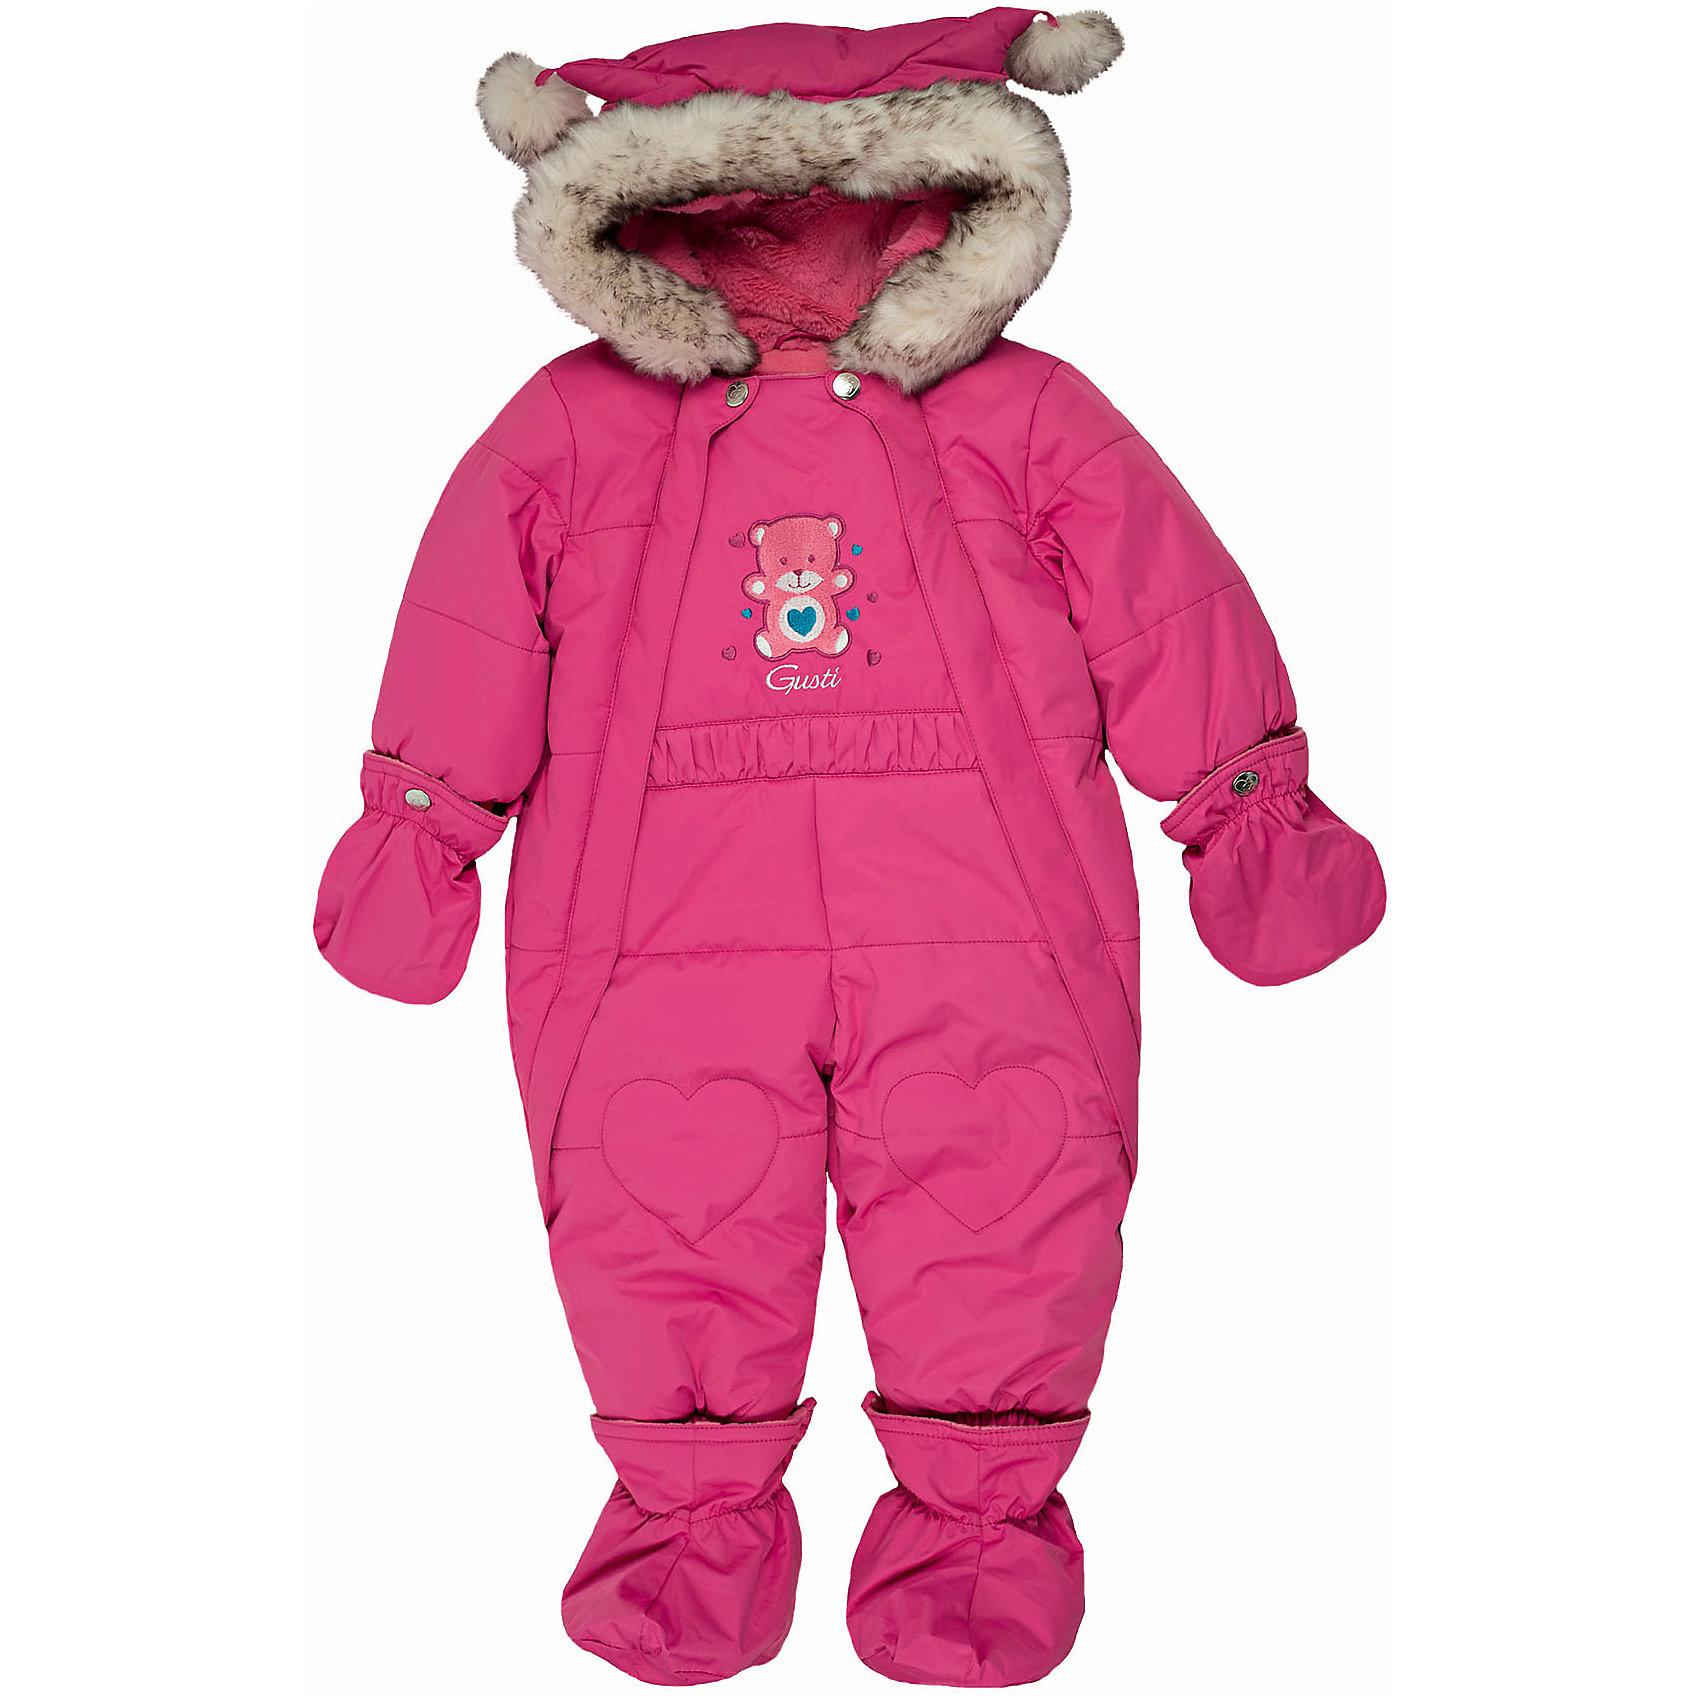 Комбинезон GUSTIВерхняя одежда<br>Комбинезон GUSTI (ГУСТИ) – это комфортный качественный комбинезон, который обеспечит надежную защиту Вашему малышу от холодов в зимний сезон.<br><br>Температурный режим: до -30  градусов. Степень утепления – высокая. <br><br>* Температурный режим указан приблизительно — необходимо, прежде всего, ориентироваться на ощущения ребенка. Температурный режим работает в случае соблюдения правила многослойности – использования флисовой поддевы и термобелья.<br><br>Зимний комбинезон для девочки от GUSTI (ГУСТИ) выполнен из плотного непромокаемого материала с защитной от влаги мембраной 5000 мм. Тань хорошо сохраняет тепло, отталкивает влагу и позволяет коже ребенка дышать. Утеплитель из тек-полифилла и флисовая внутренняя отделка дают возможность использовать комбинезон при очень низких температурах. Наличие двух молний облегчает одевание и раздевание ребенка. Несъемный капюшон изнутри отделан искусственным мехом. В комплекте отстегивающиеся варежки и пинетки. Дизайн дополнен опушкой и небольшими помпонами на капюшоне, что делает модель по-детски задорной и милой. Цельный зимний комбинезон от GUSTI (ГУСТИ) не ограничивает движений и идеально защищает от ветра, холода и низких температур. Модель подходит для прогулок на морозе до -30 градусов. <br><br>Дополнительная информация:<br><br>- Сезон: зима<br>- Температурный режим до -30 градусов<br>- Цвет: розовый<br>- Материал верха: shuss 5000мм (100% полиэстер)<br>- Наполнитель: тек-полифилл плотностью 283 гр/м (10 унций) 100% полиэстер<br>- Подкладка: флис (100% полиэстер)<br>- 2 молнии и фурнитура YKK<br>- Светоотражающие элементы 3М Scotchlite<br>- Пинетки и рукавички отстегиваются<br>- Уход: машинная стирка, легкие загрязнения можно смыть губкой без стирки<br><br>Комбинезон GUSTI (ГУСТИ) можно купить в нашем интернет-магазине.<br><br>Ширина мм: 356<br>Глубина мм: 10<br>Высота мм: 245<br>Вес г: 519<br>Цвет: розовый<br>Возраст от месяцев: 12<br>Возраст до месяцев: 24<br>Пол: Женский<br>Возраст: 